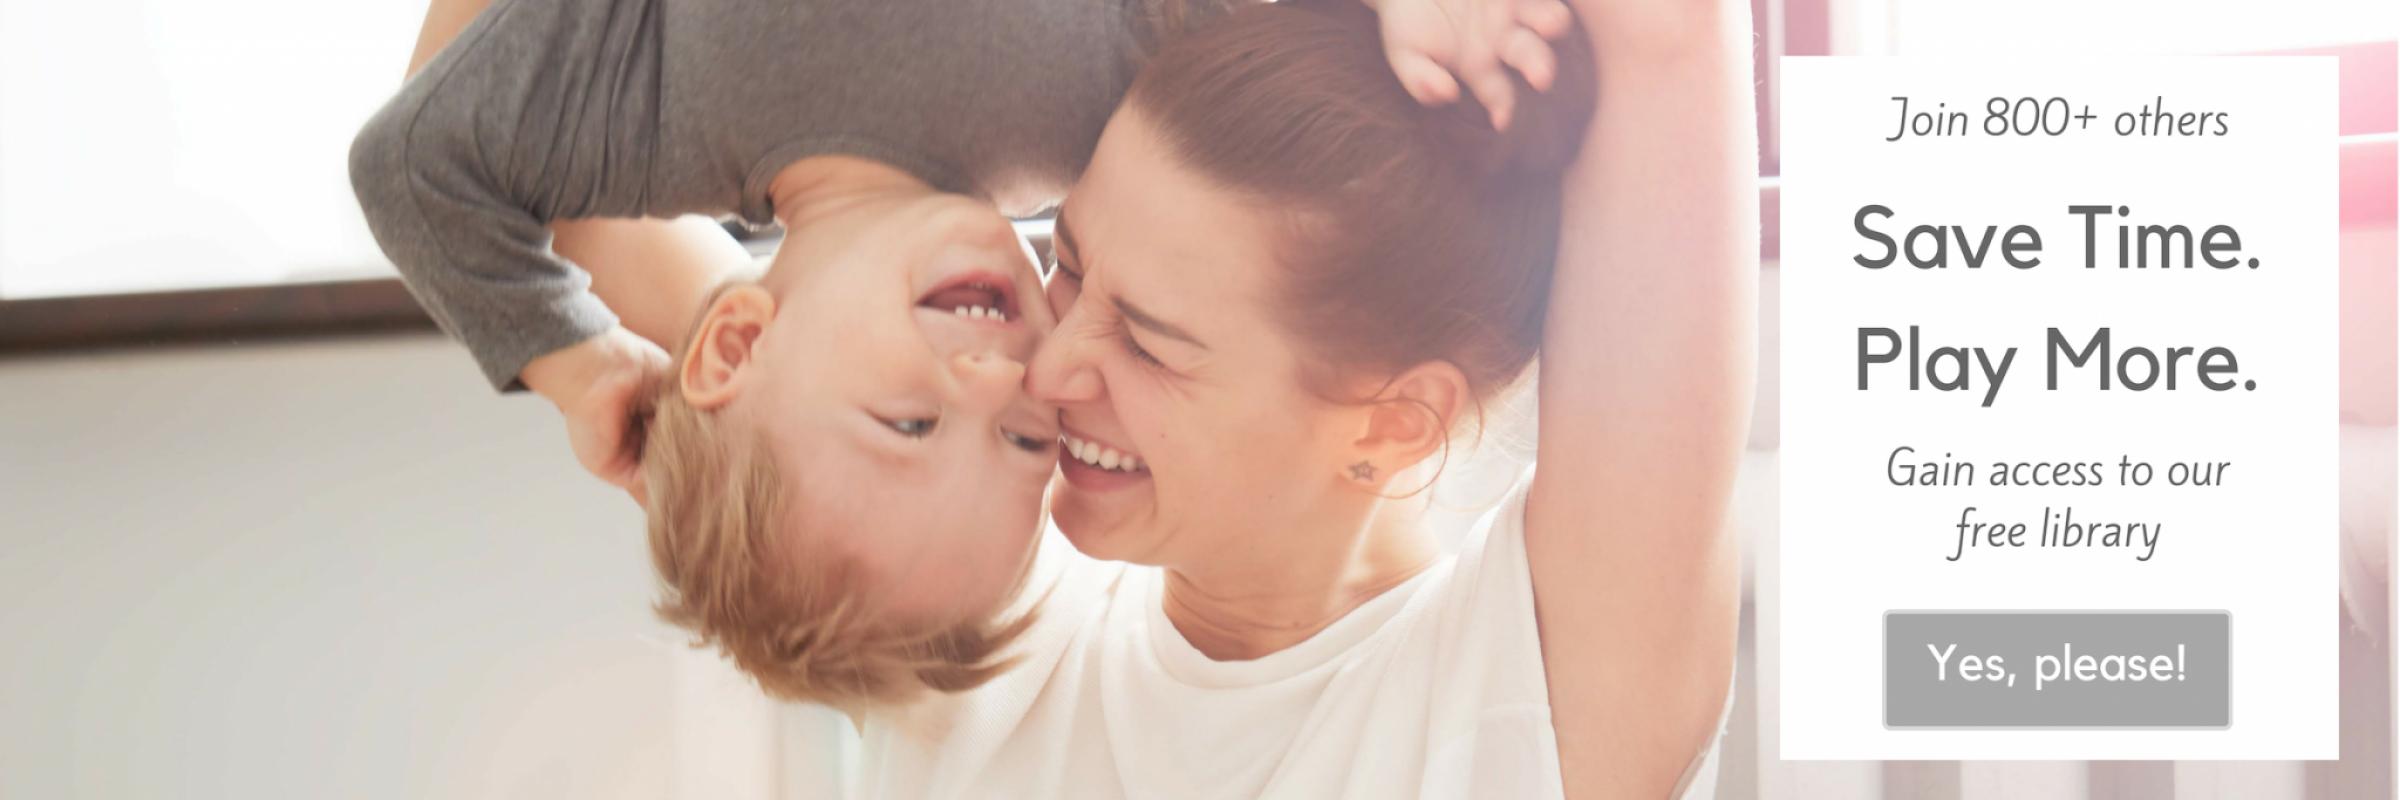 Kids activities, parenting, pregnancy, baby